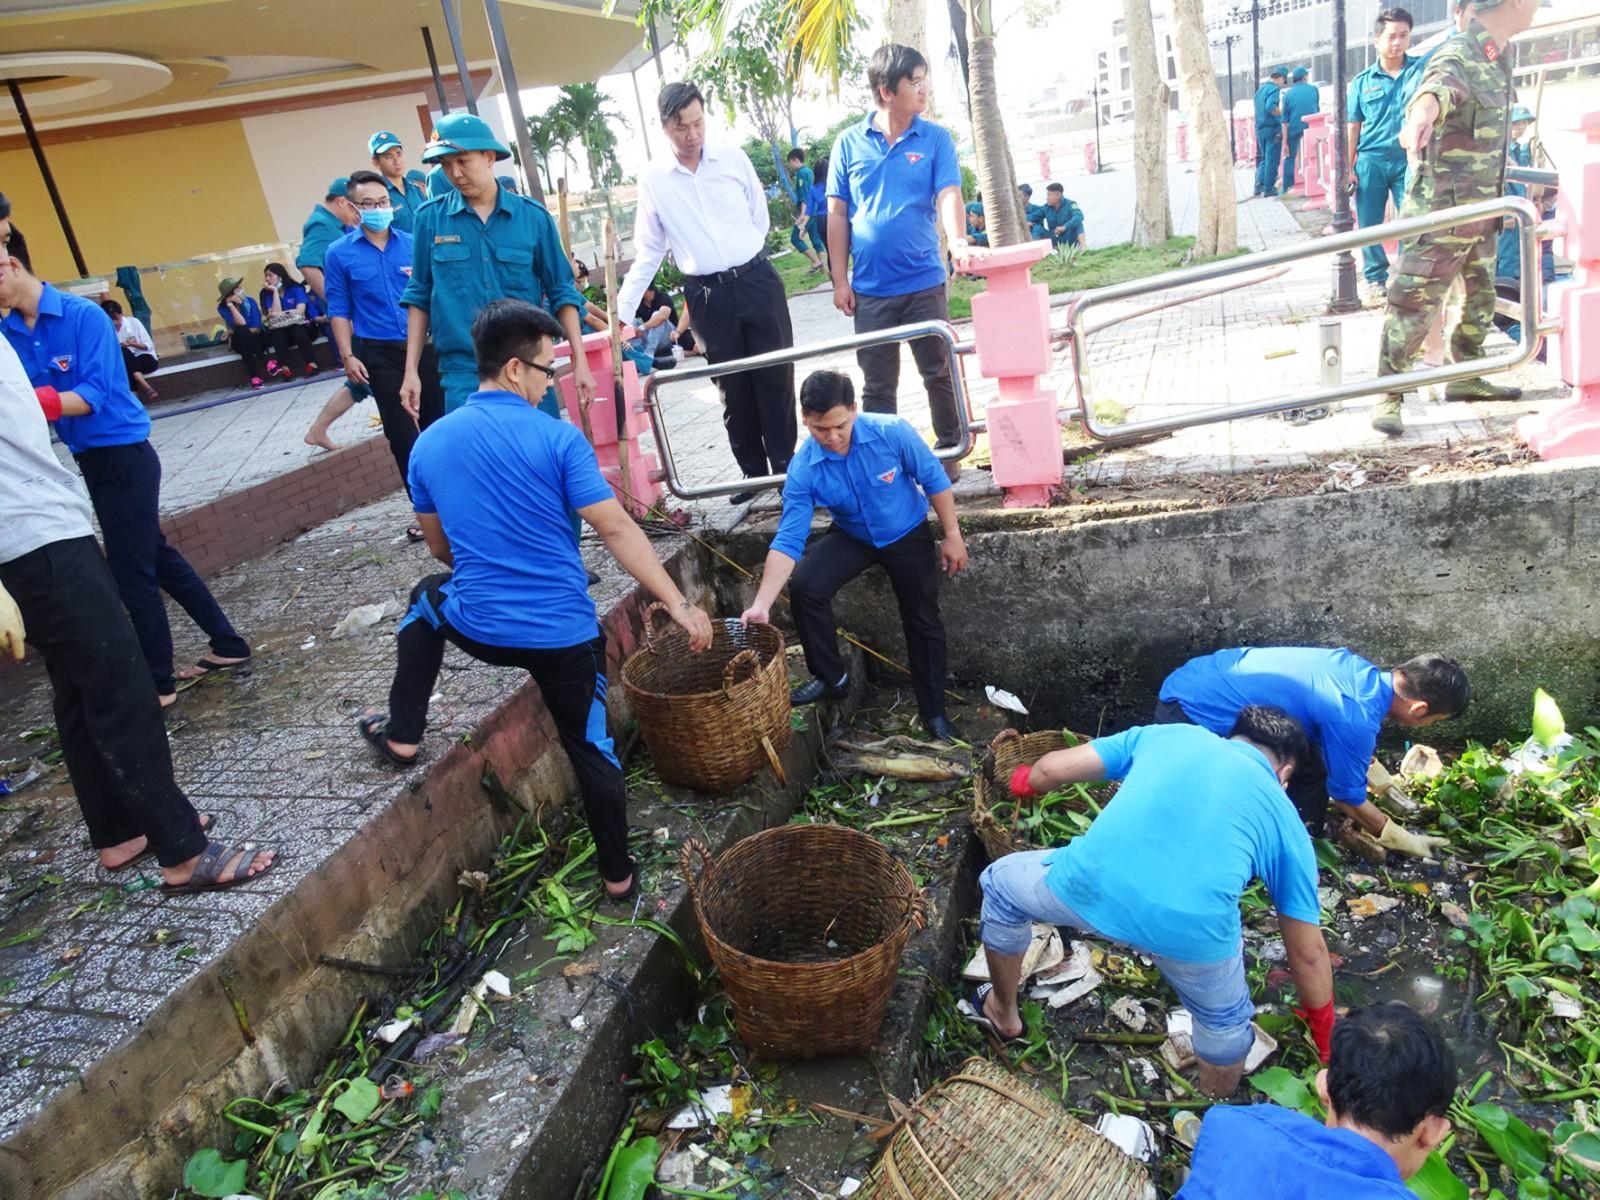 Đoàn viên thanh niên quận Ninh Kiều ra quân vớt rác, bảo vệ môi trường tại các tuyến sông, rạch trên địa bàn.